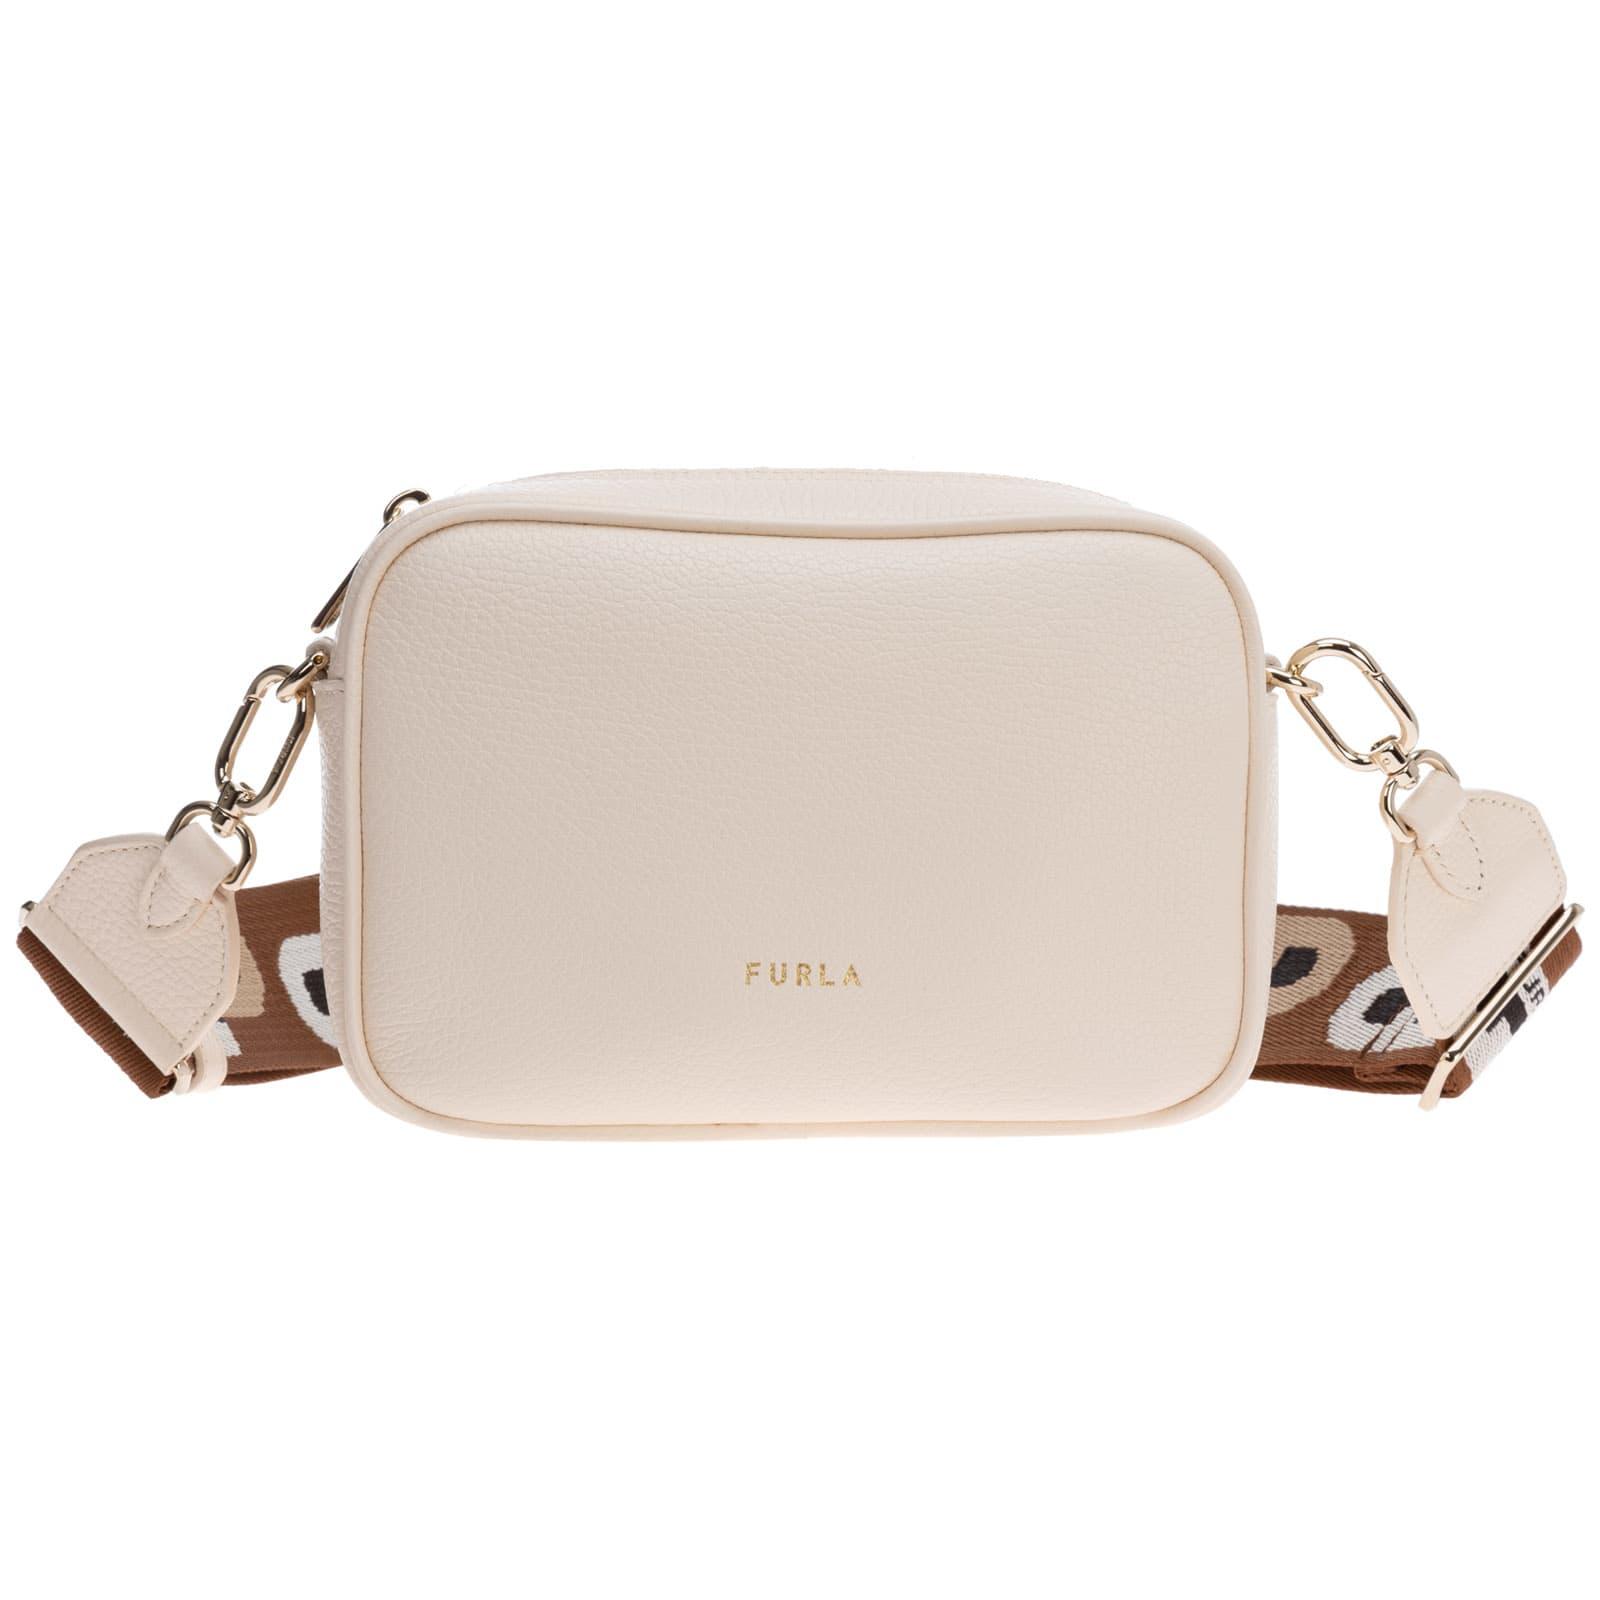 Furla Camera Shoulder Bag